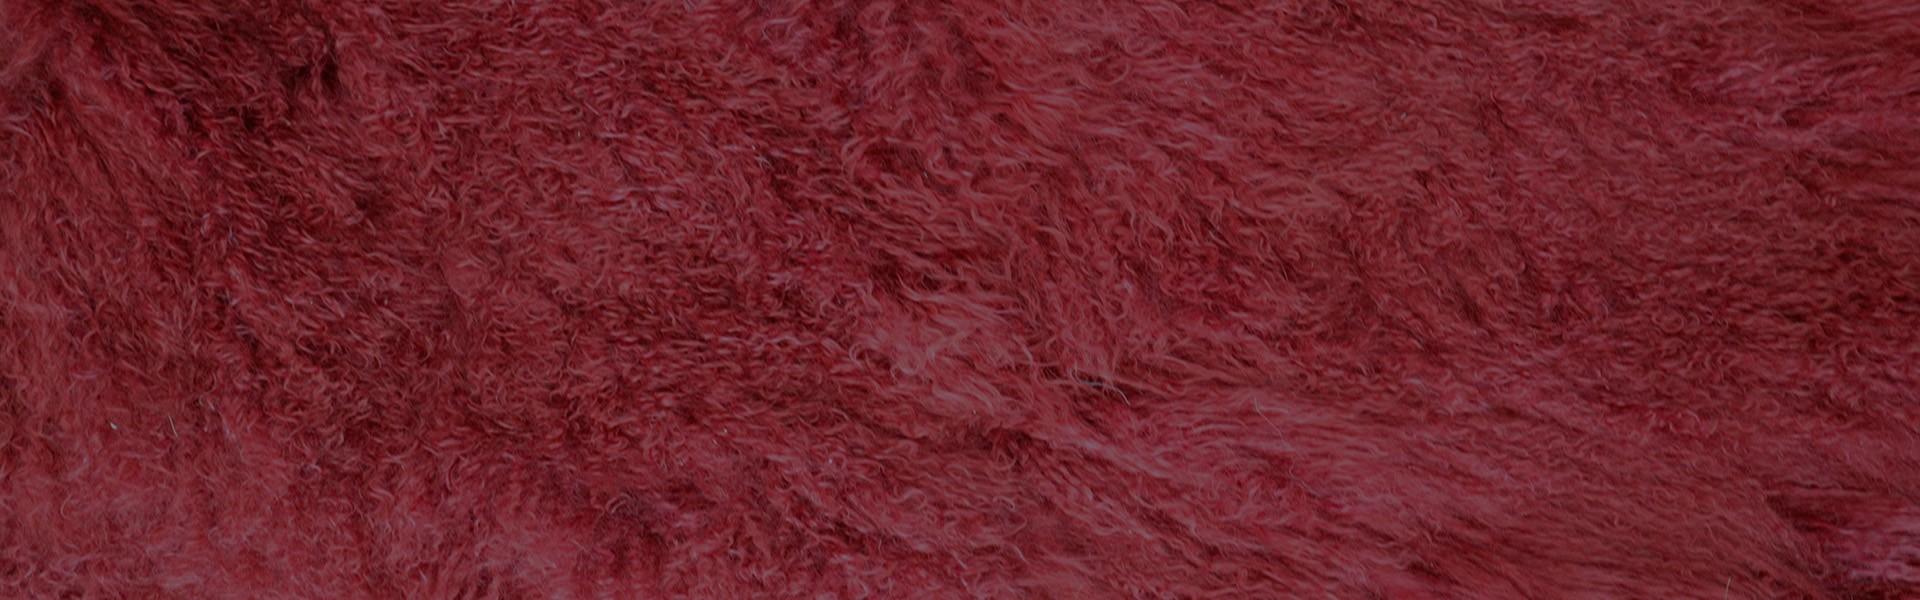 Mongolian Fur Rugs